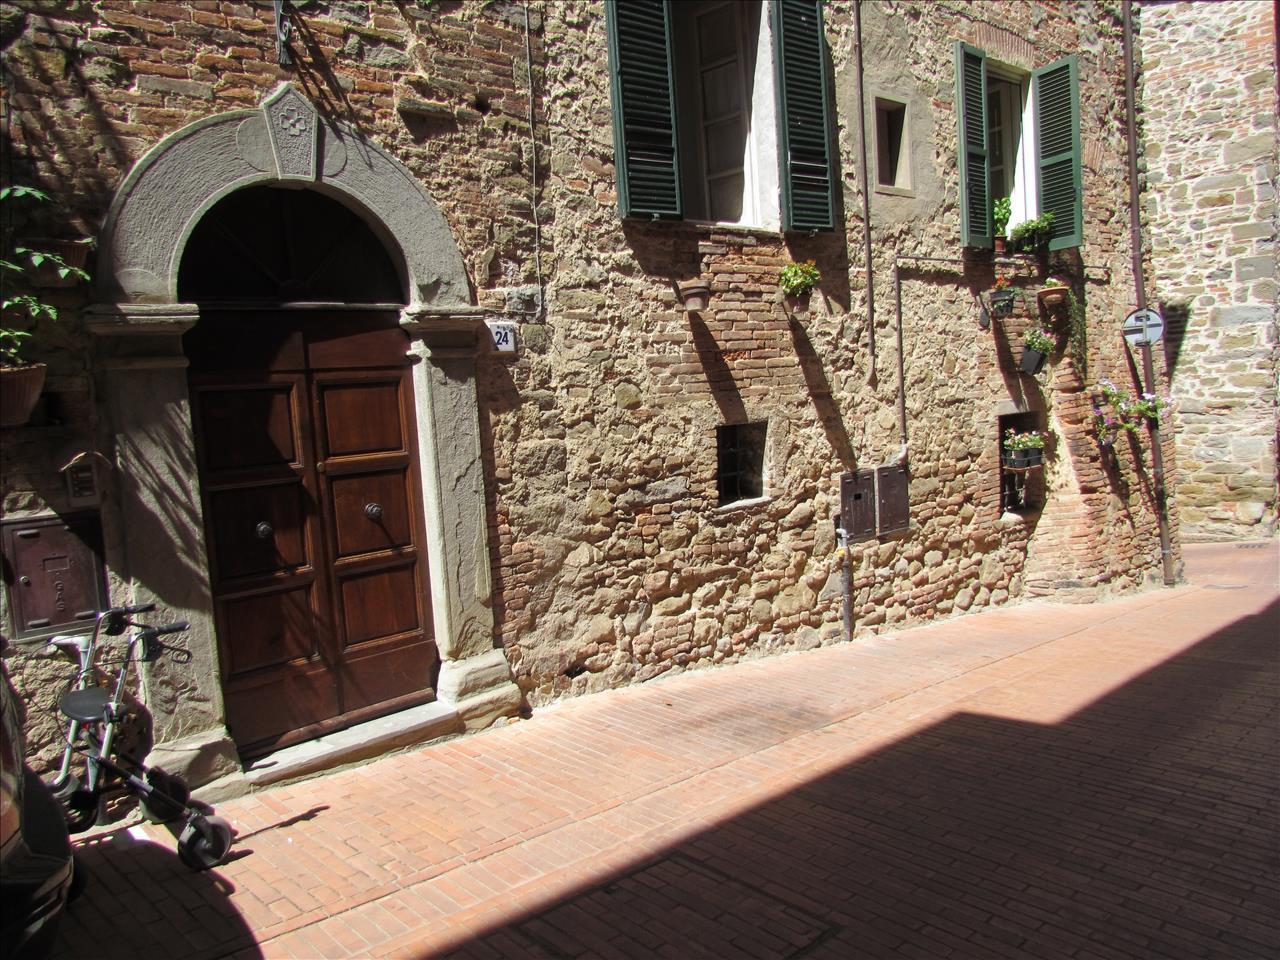 Appartamento in vendita a Paciano, 1 locali, prezzo € 48.000 | CambioCasa.it